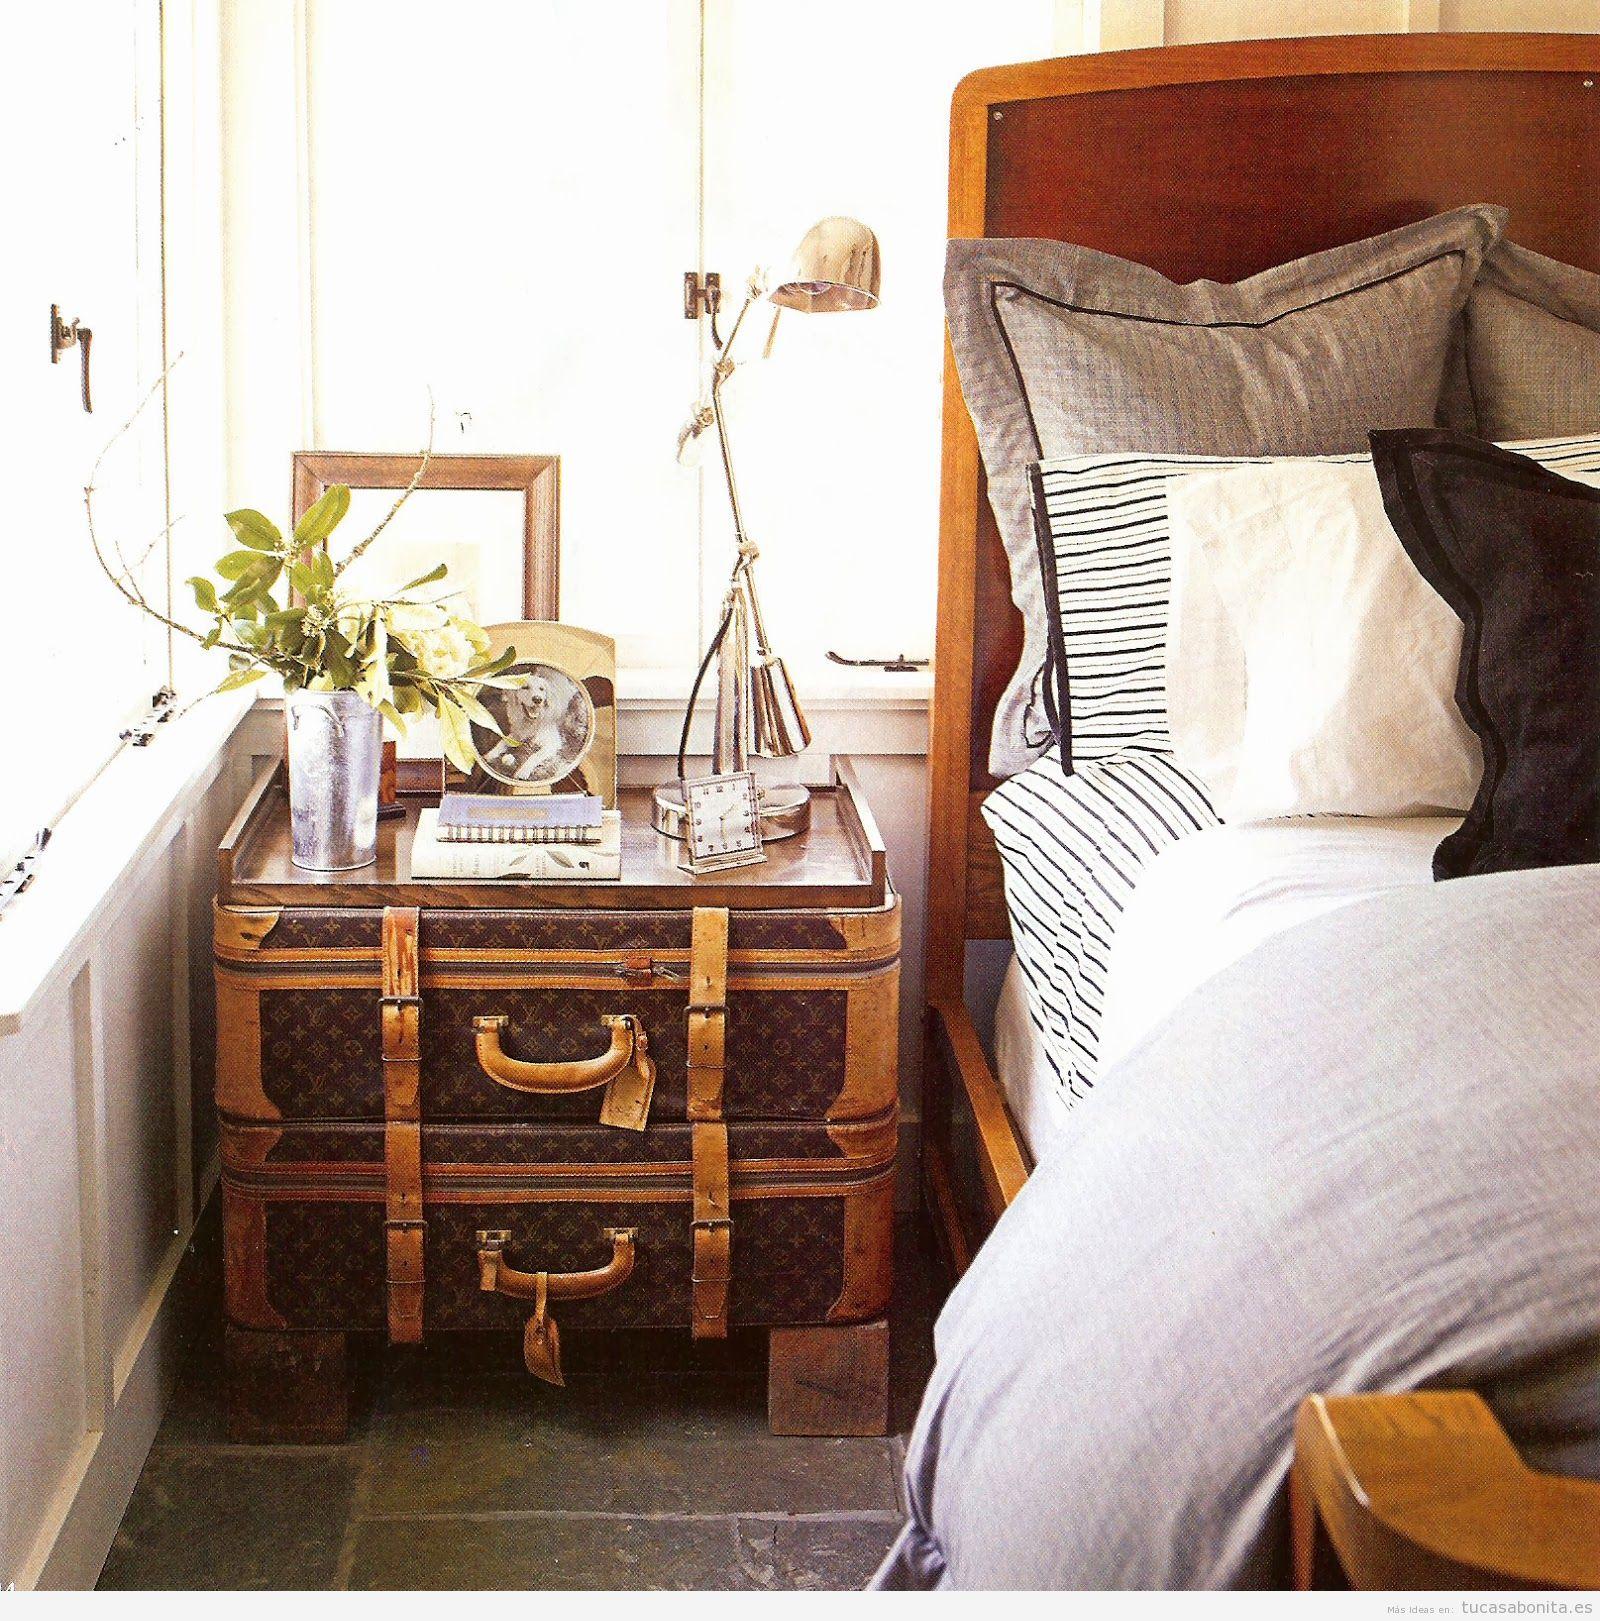 Maletas antiguas y ba les para decorar distintas estancias - Cosas antiguas para decorar ...